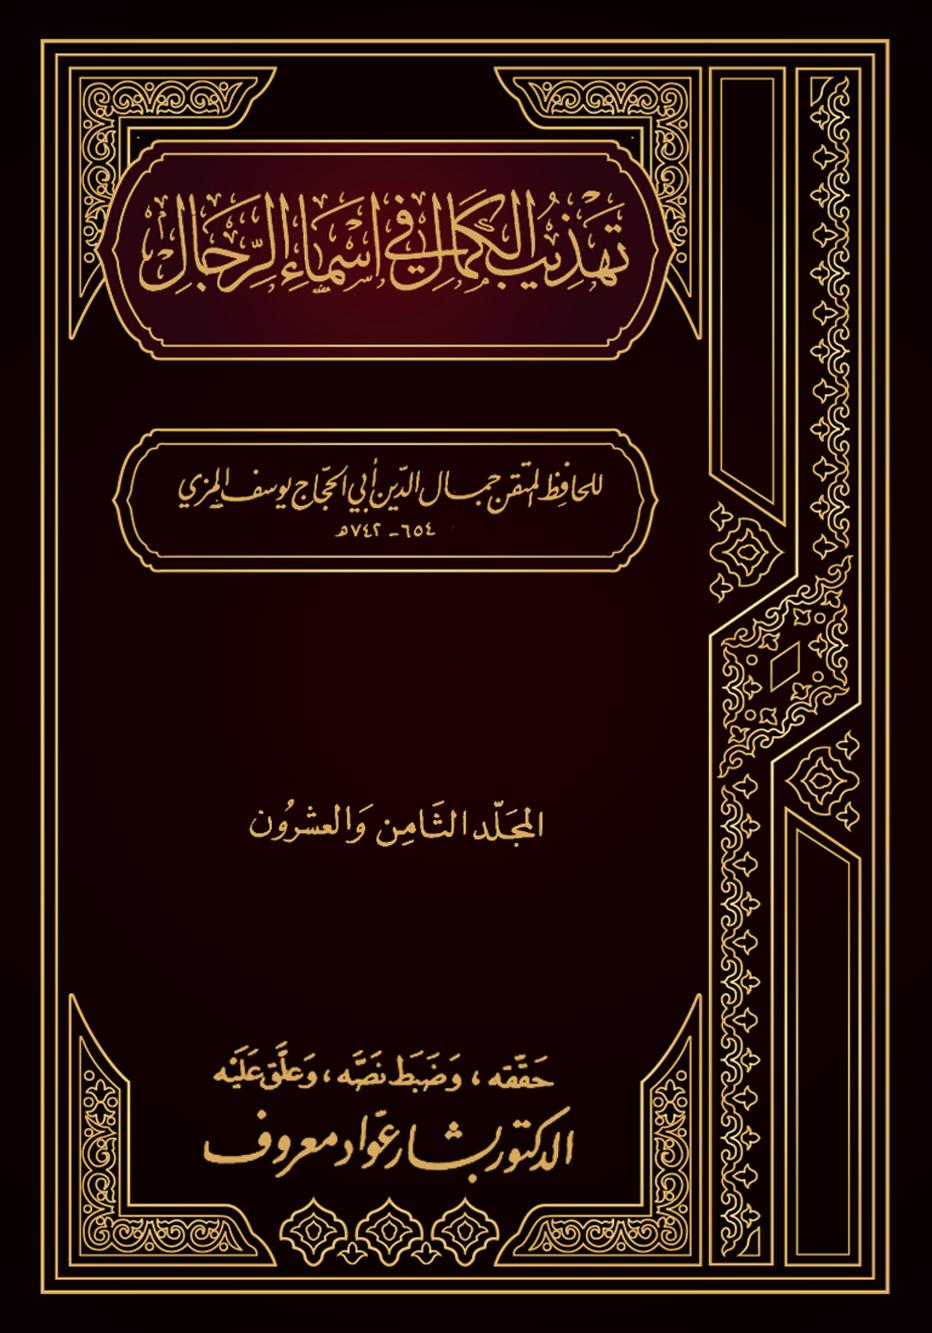 تهذيب الكمال في أسماء الرجال (المجلد الثامن والعشرون - مشاش - مهران)